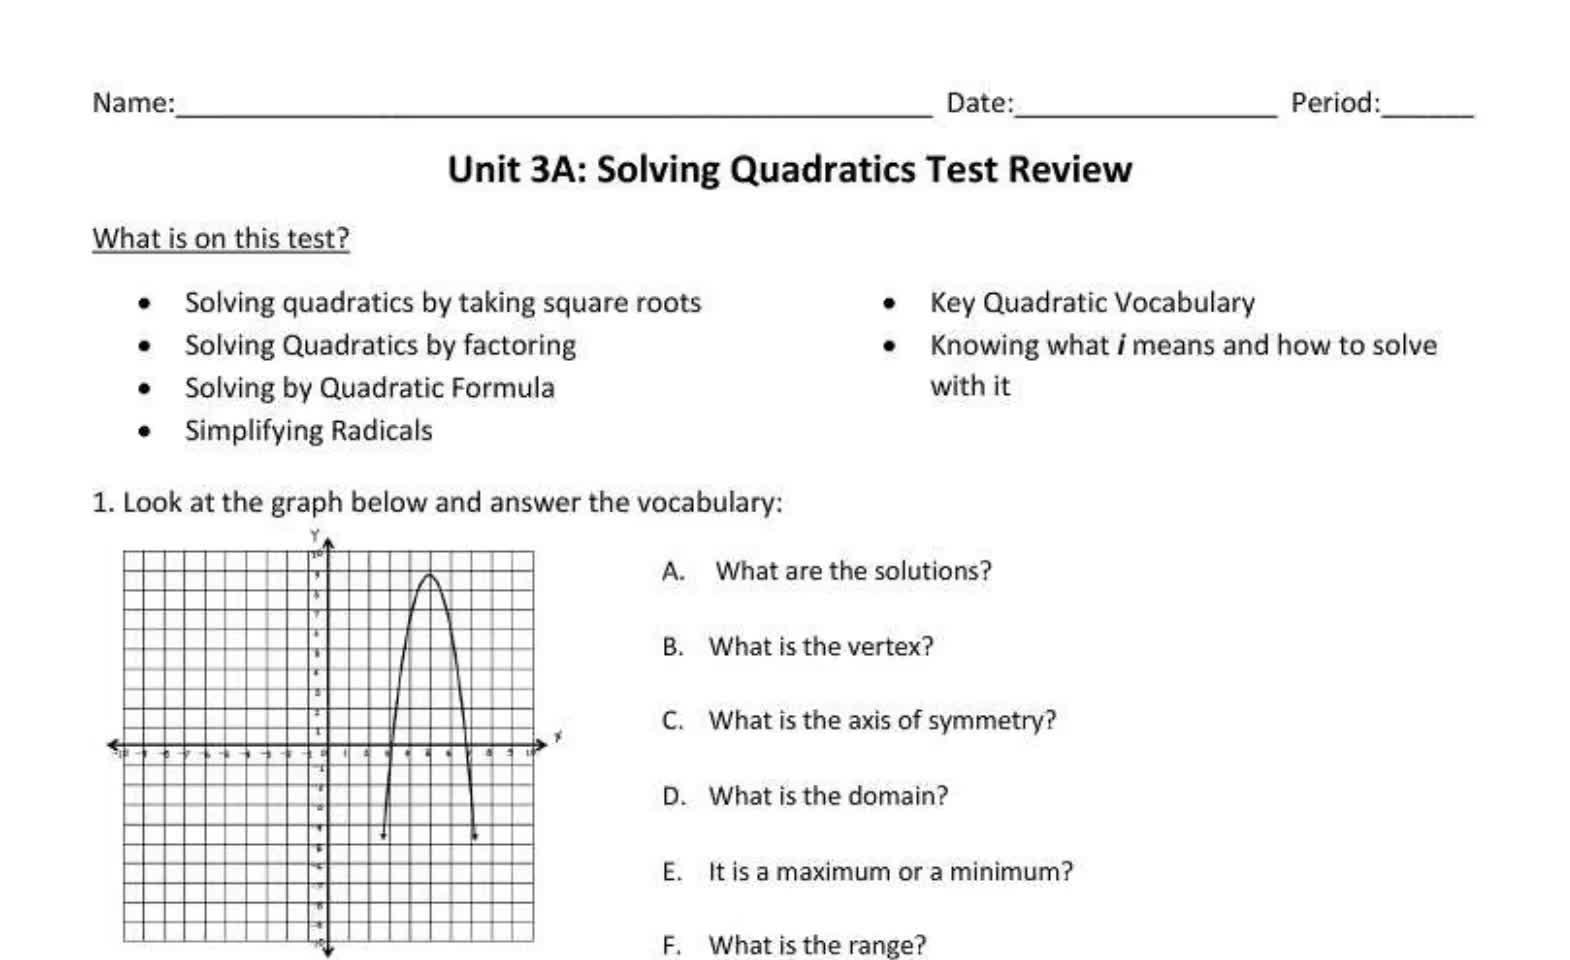 Algebra 2 3A Solving Quadratics Test Review